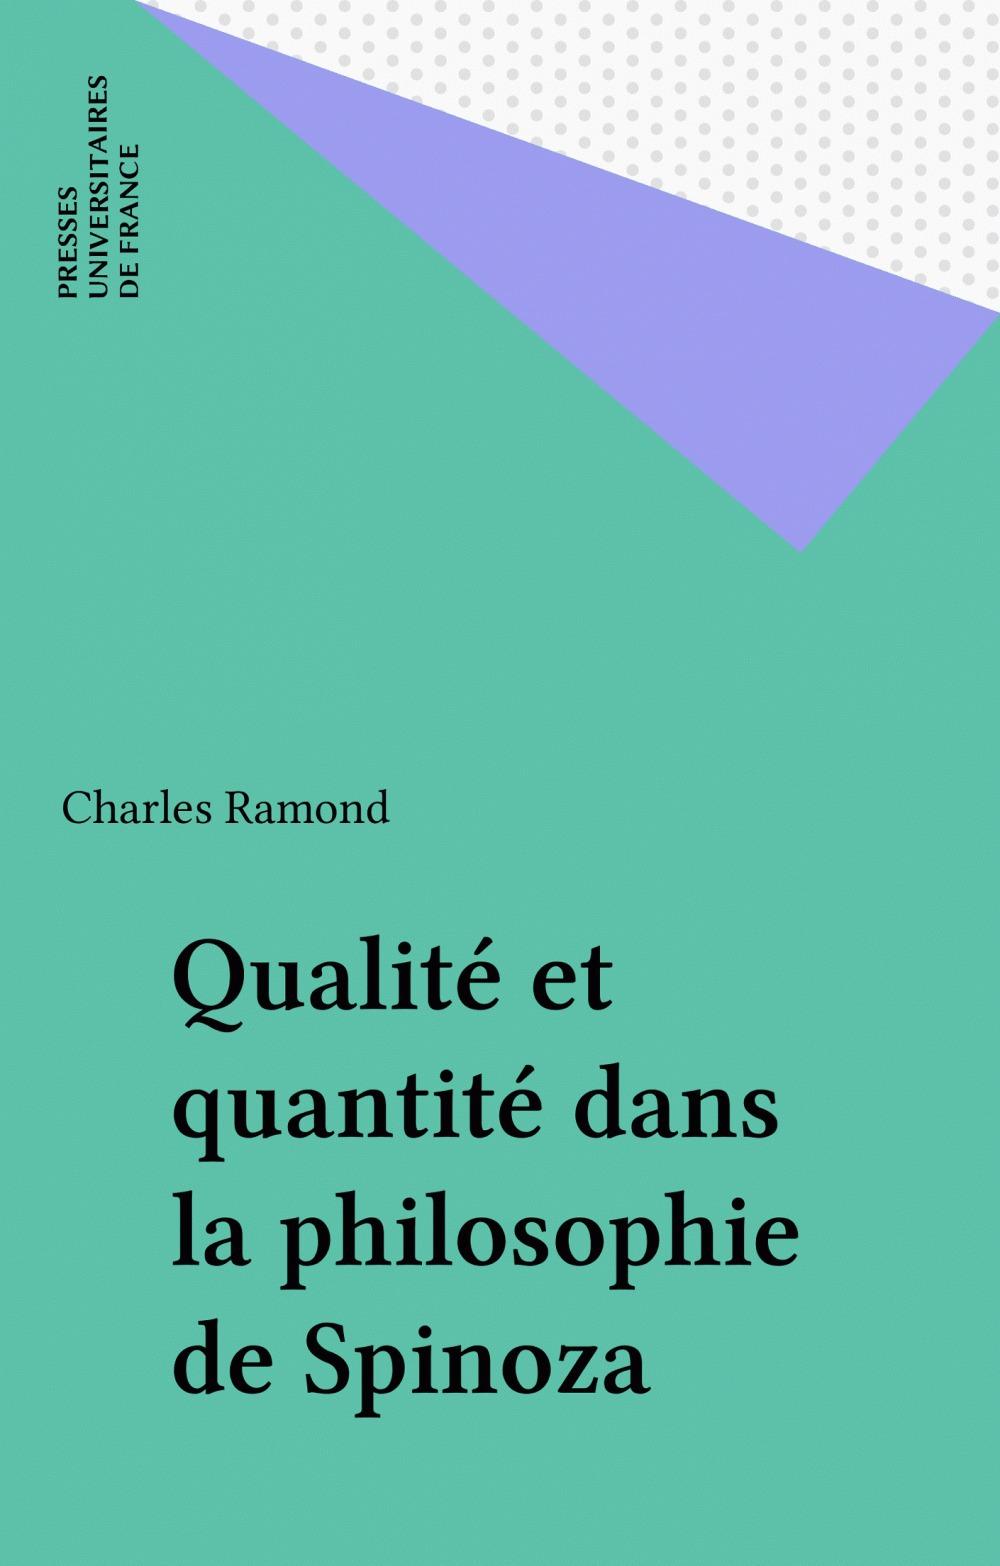 Charles Ramond Qualité et quantité dans la philosophie de Spinoza